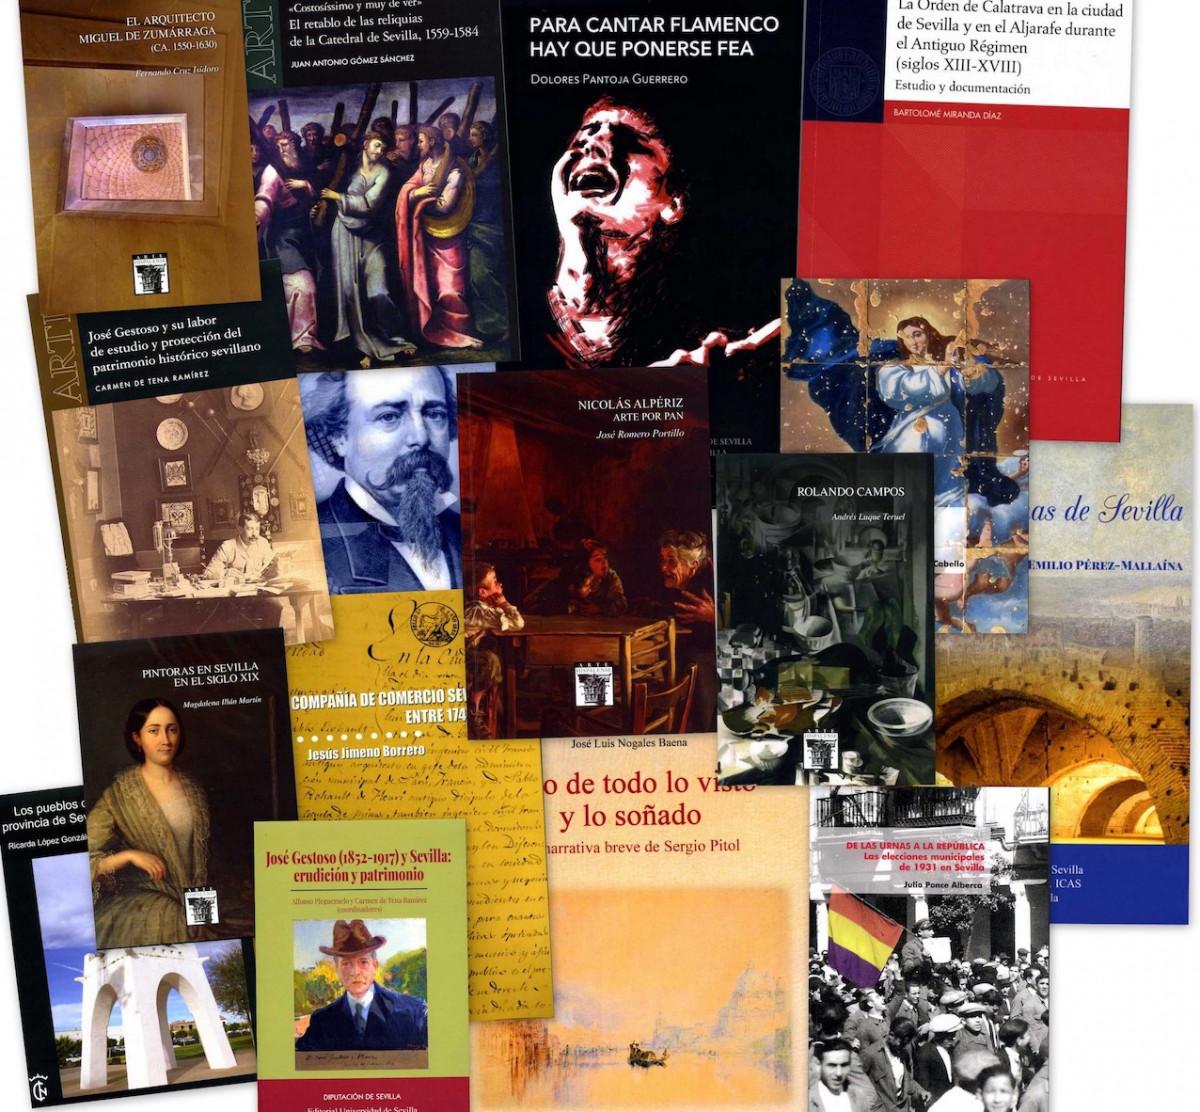 AionSur: Noticias de Sevilla, sus Comarcas y Andalucía libros-dipu La Diputación de Sevilla se une al Día Internacional del Libro Cultura